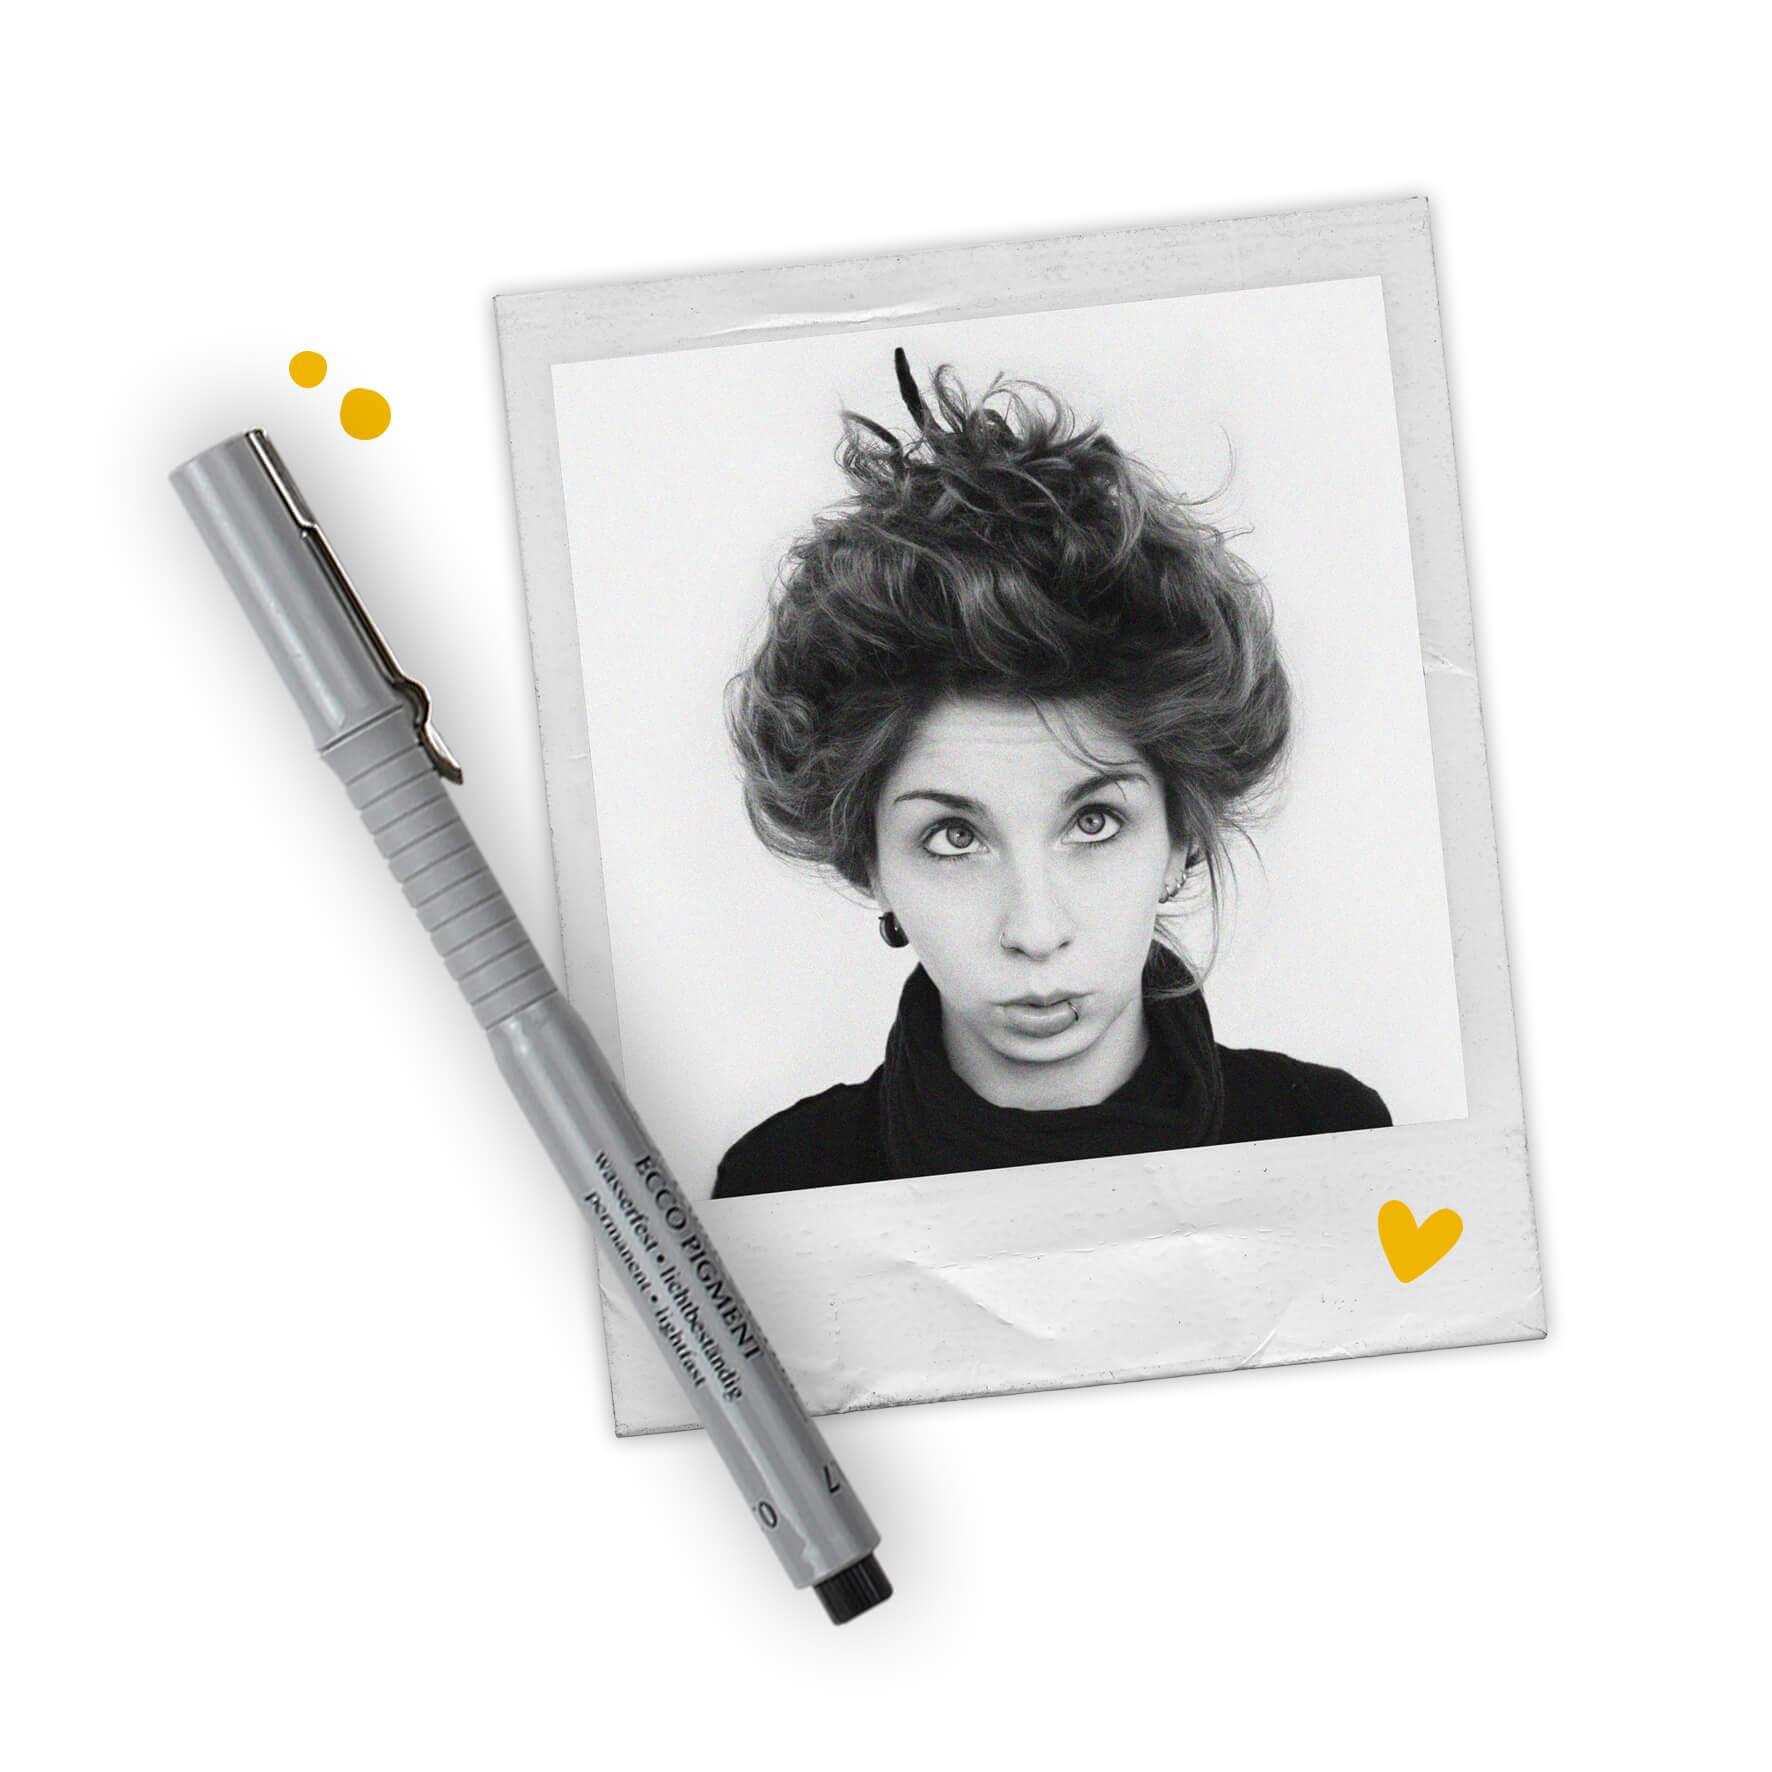 Bild von einem Polaroid-Foto